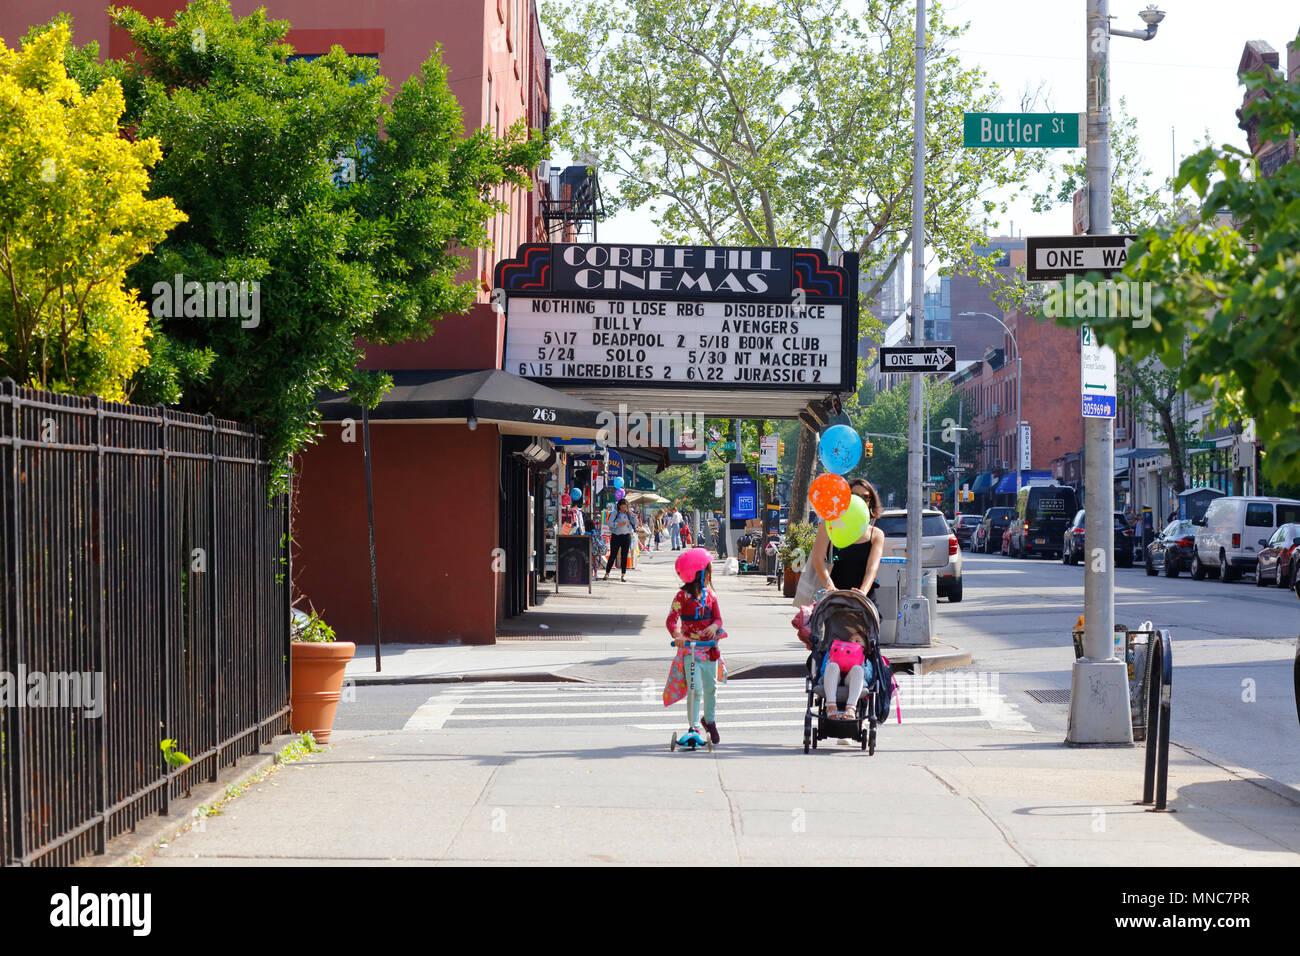 Outside Cobble Hill Cinemas - Stock Image